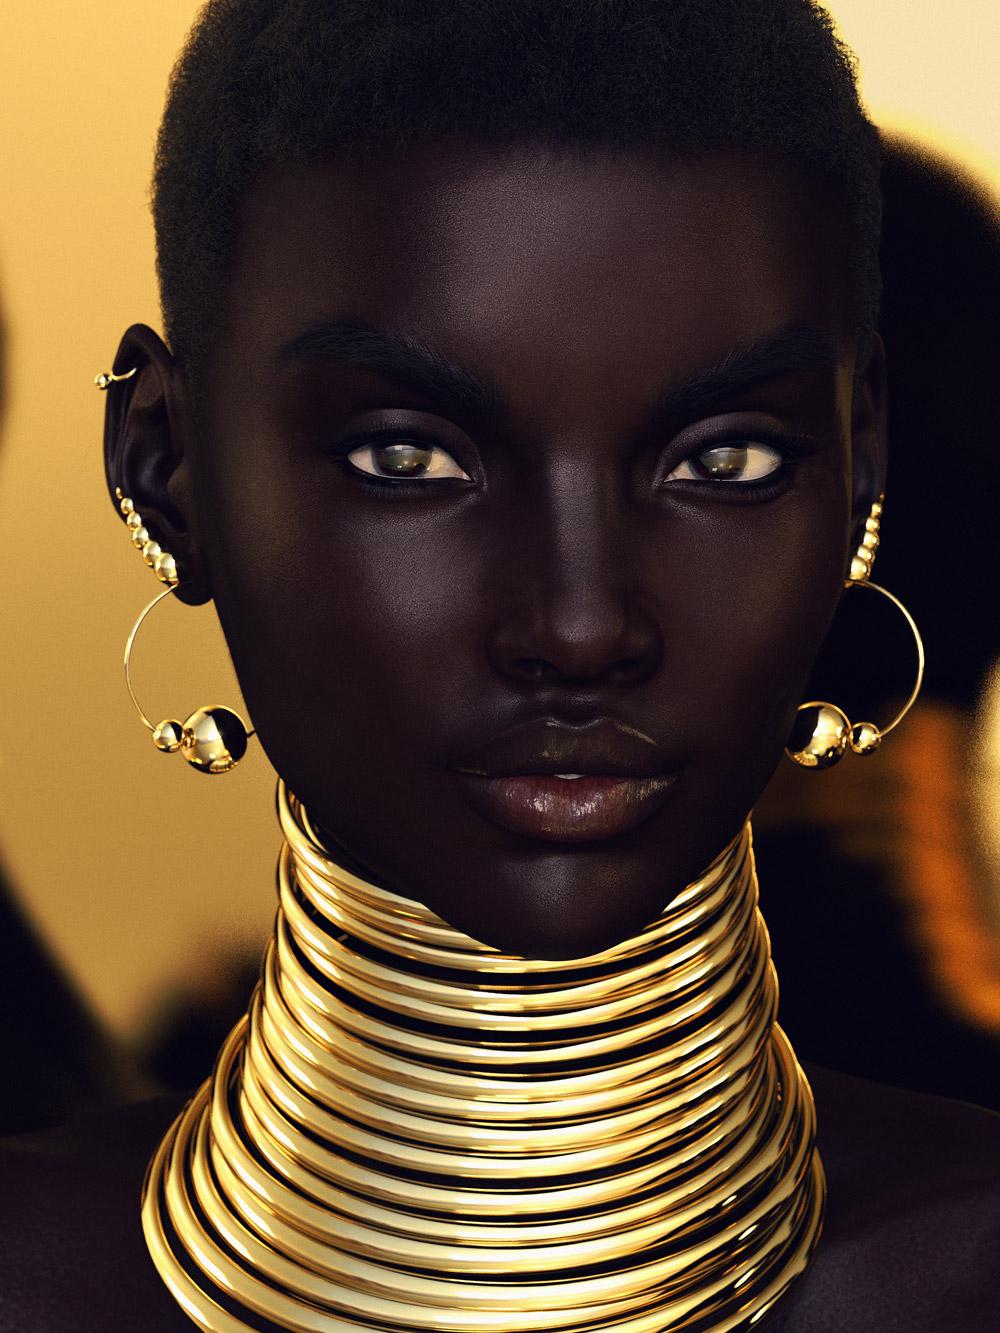 Cameron-James Wilson-Shudu Gram-Visual Atelier 8-Interview-Avatar-Model-1.jpg